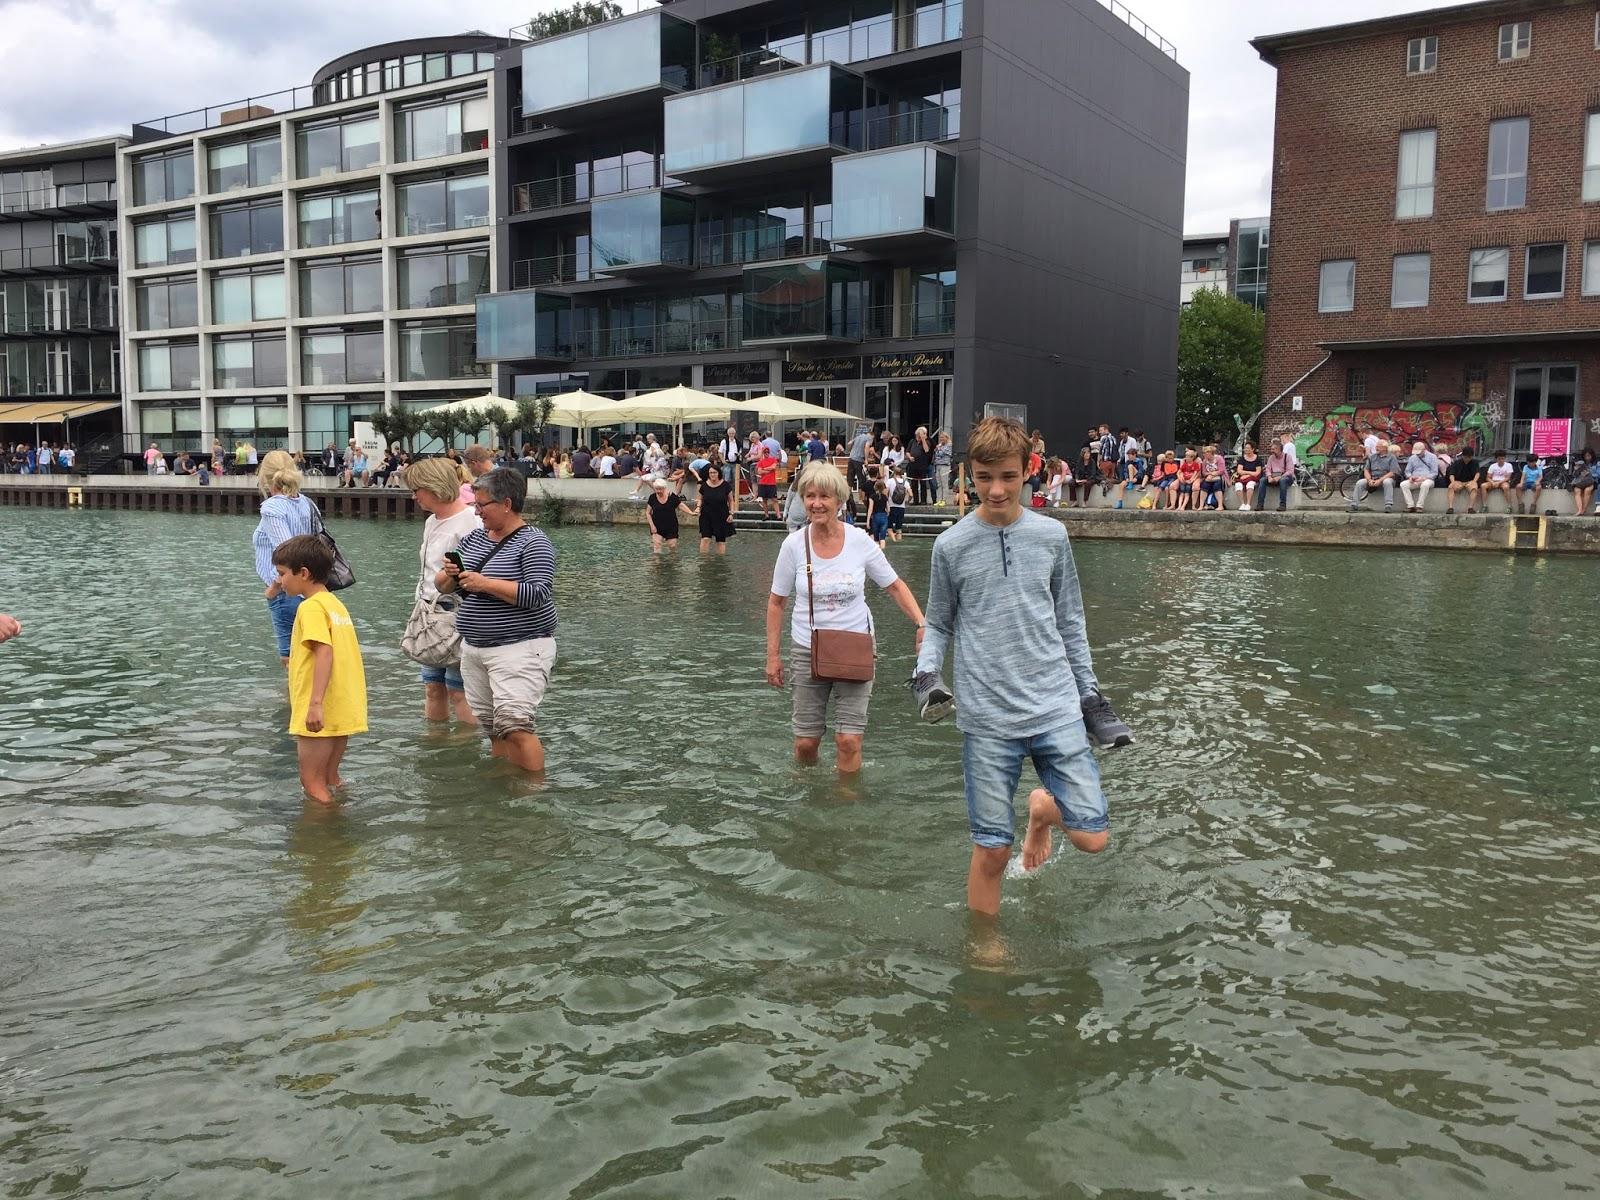 In Münster übers Wasser laufen.